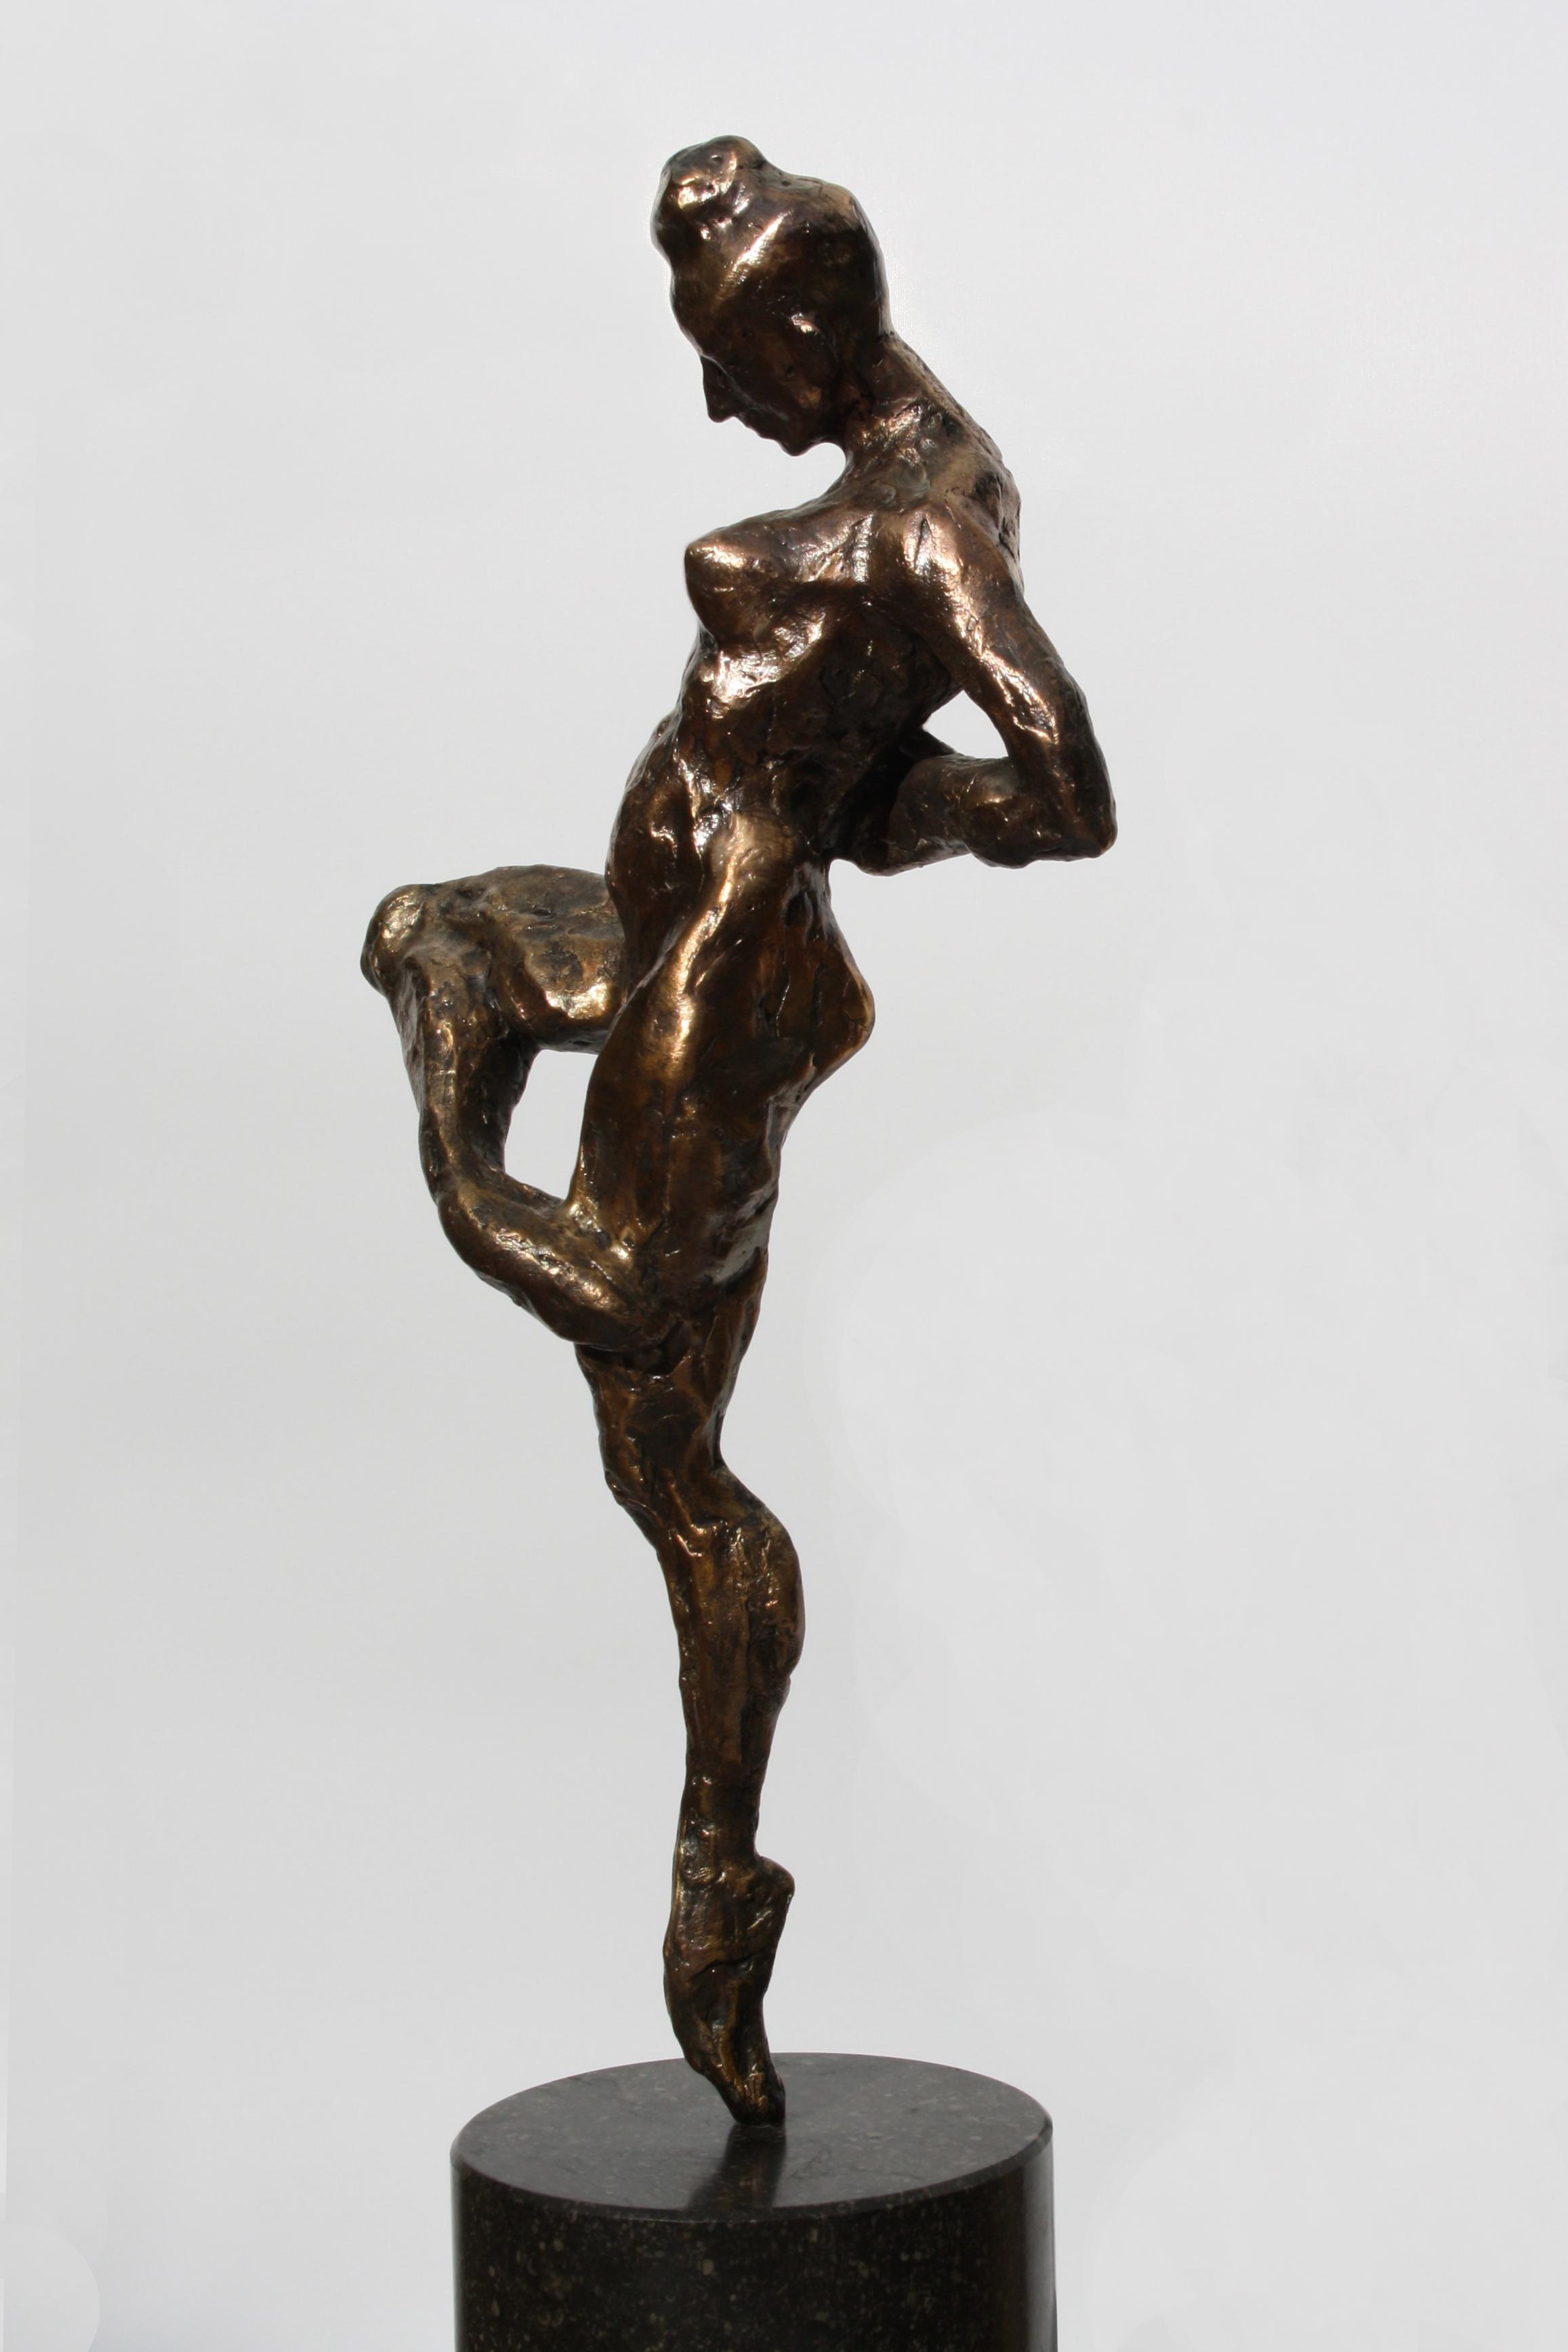 Bronzen beeld van Alexandra Konstantinovna met als titel Inzicht. (Foto: aangeleverd)